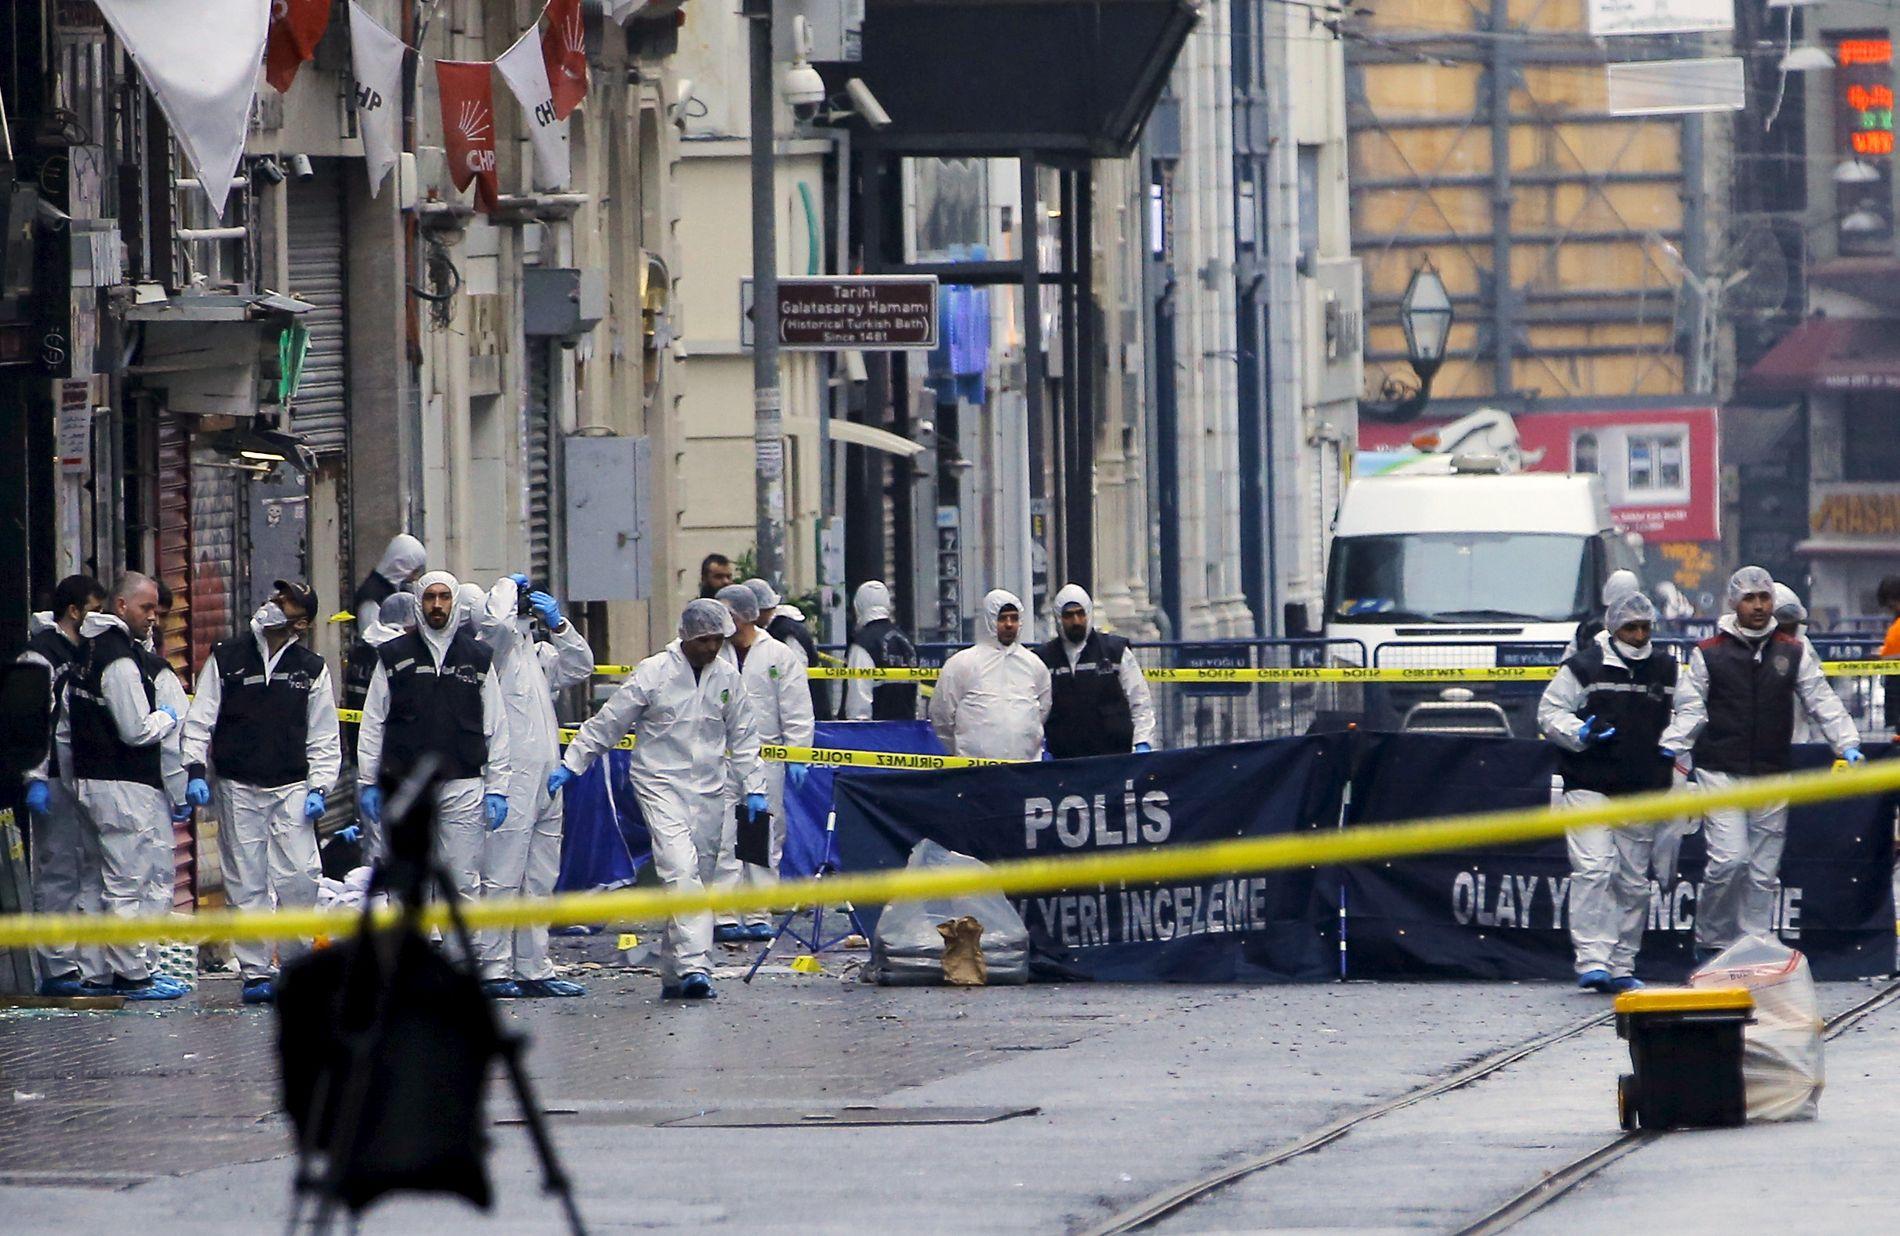 ÅSTEDET: Politiet utfører tekniske undersøkelser etter terrorangrepet.